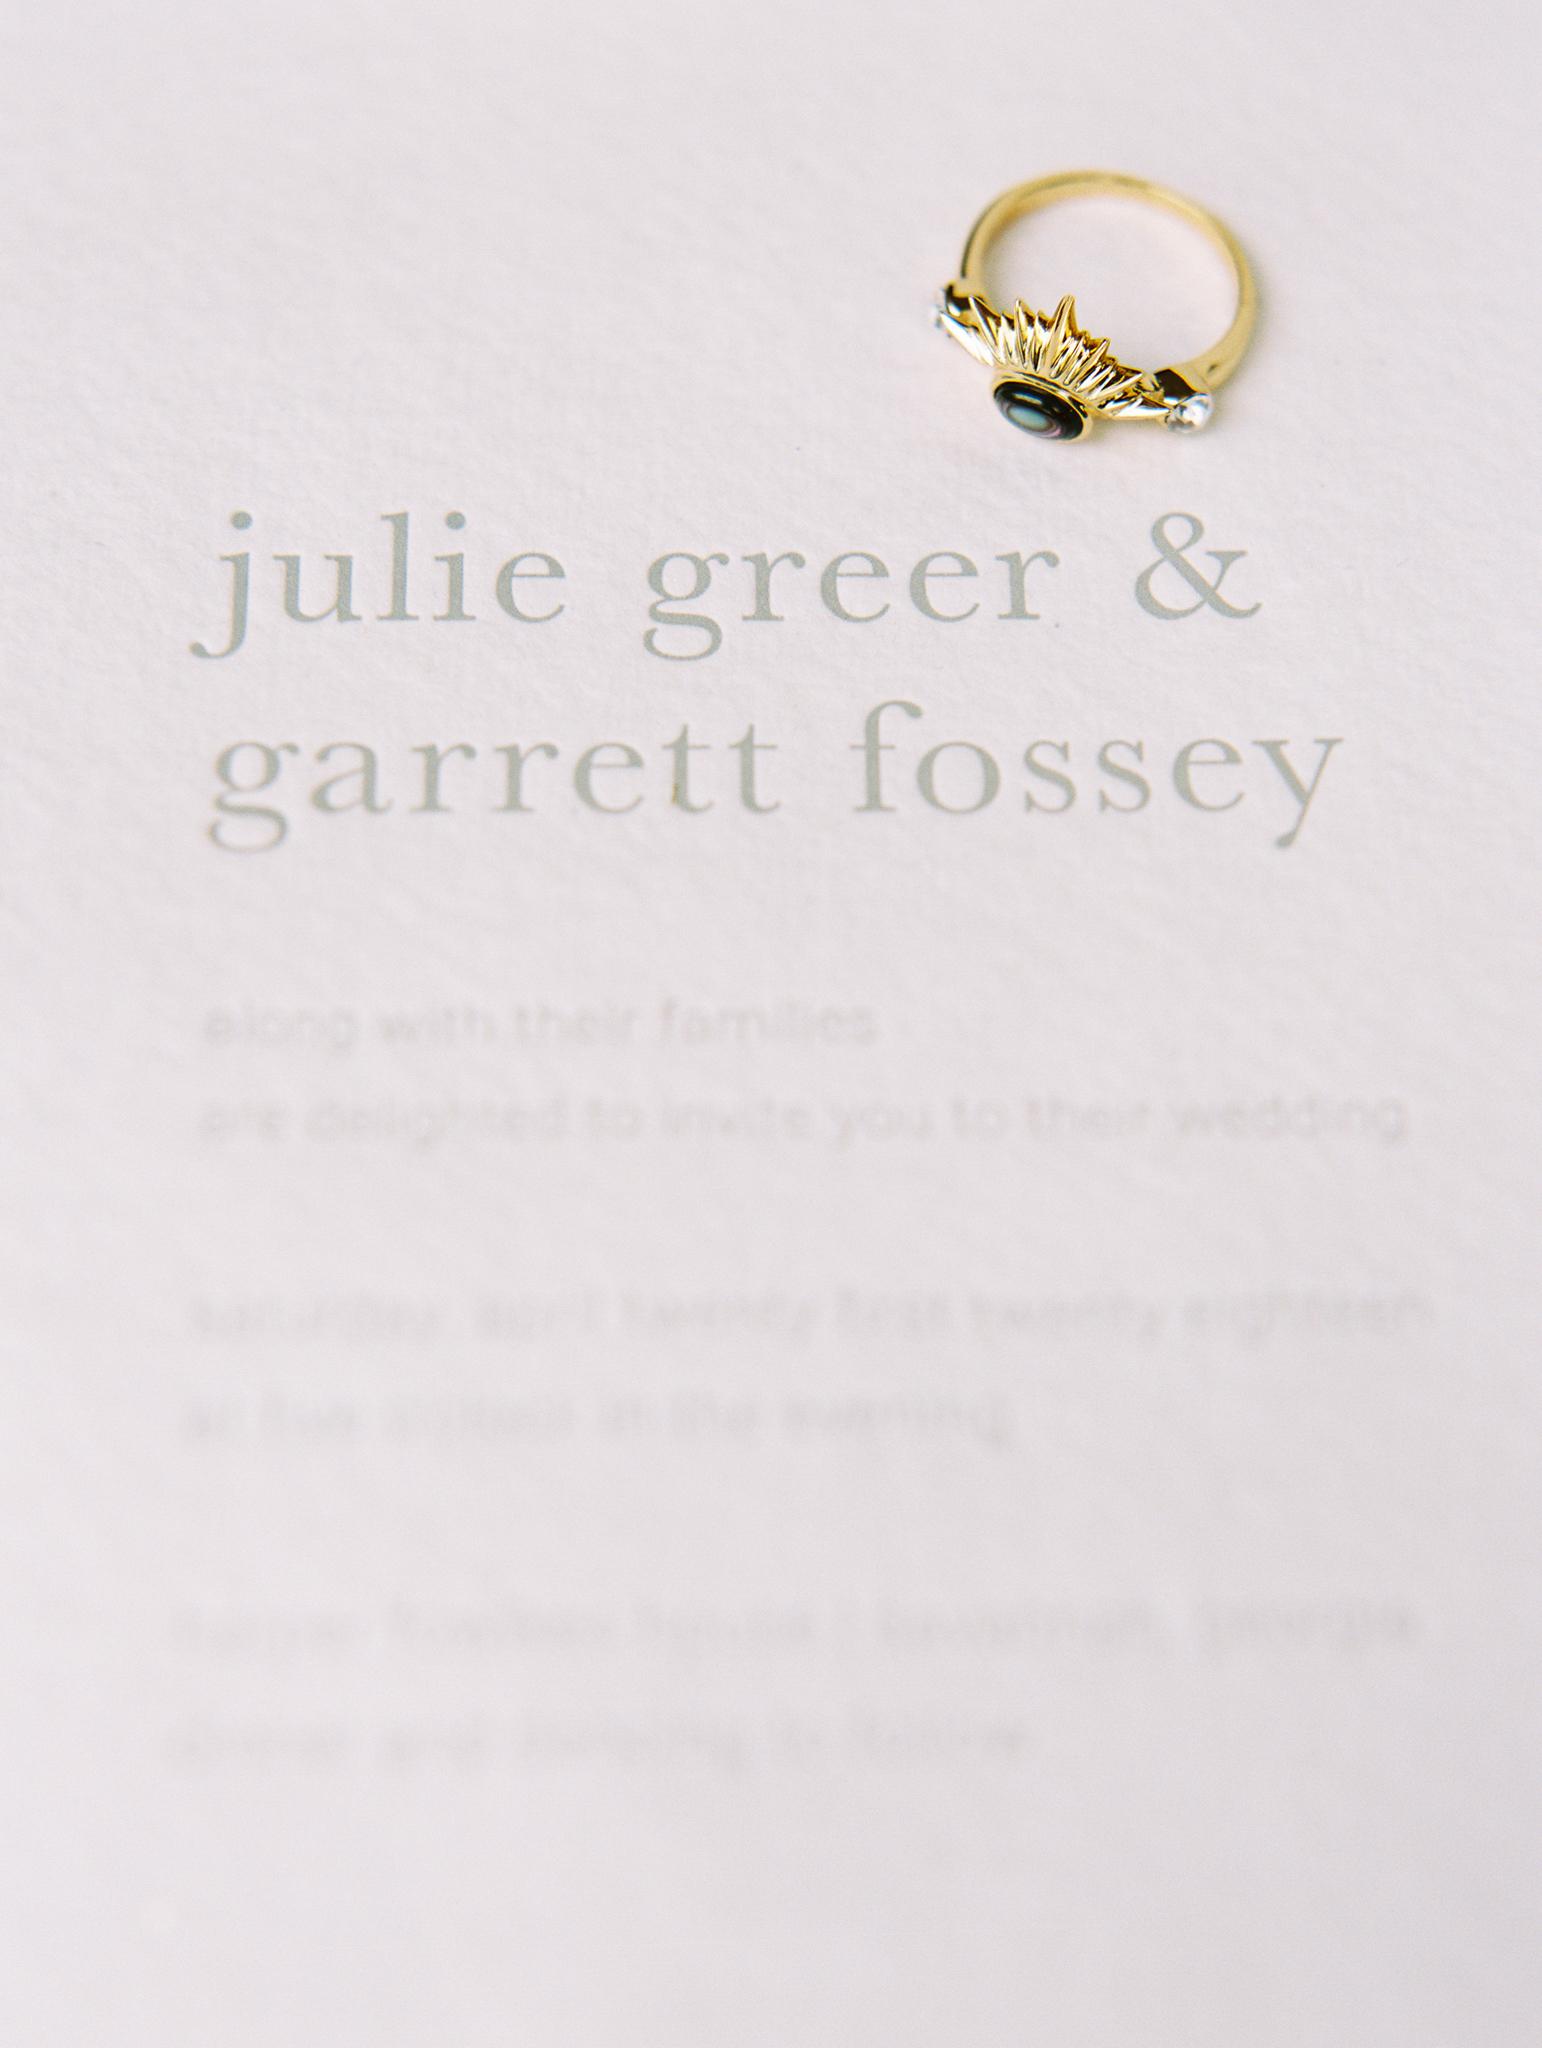 White grey wedding invitation letterpress minimal